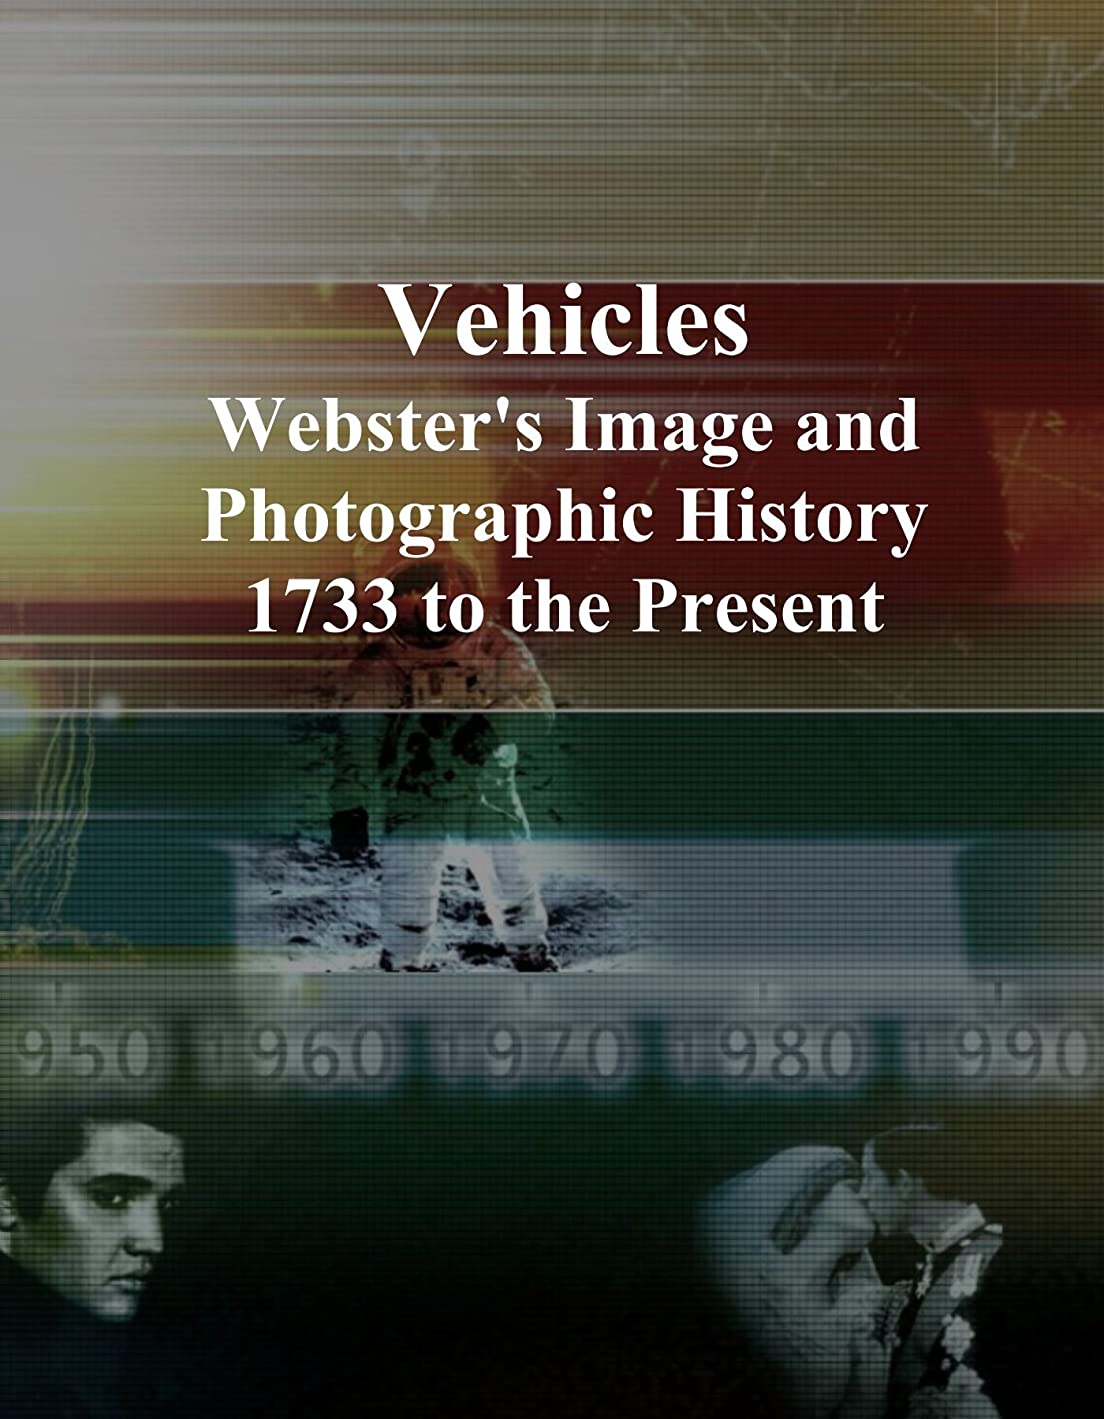 タイトル谷断片Vehicles: Webster's Image and Photographic History, 1733 to the Present